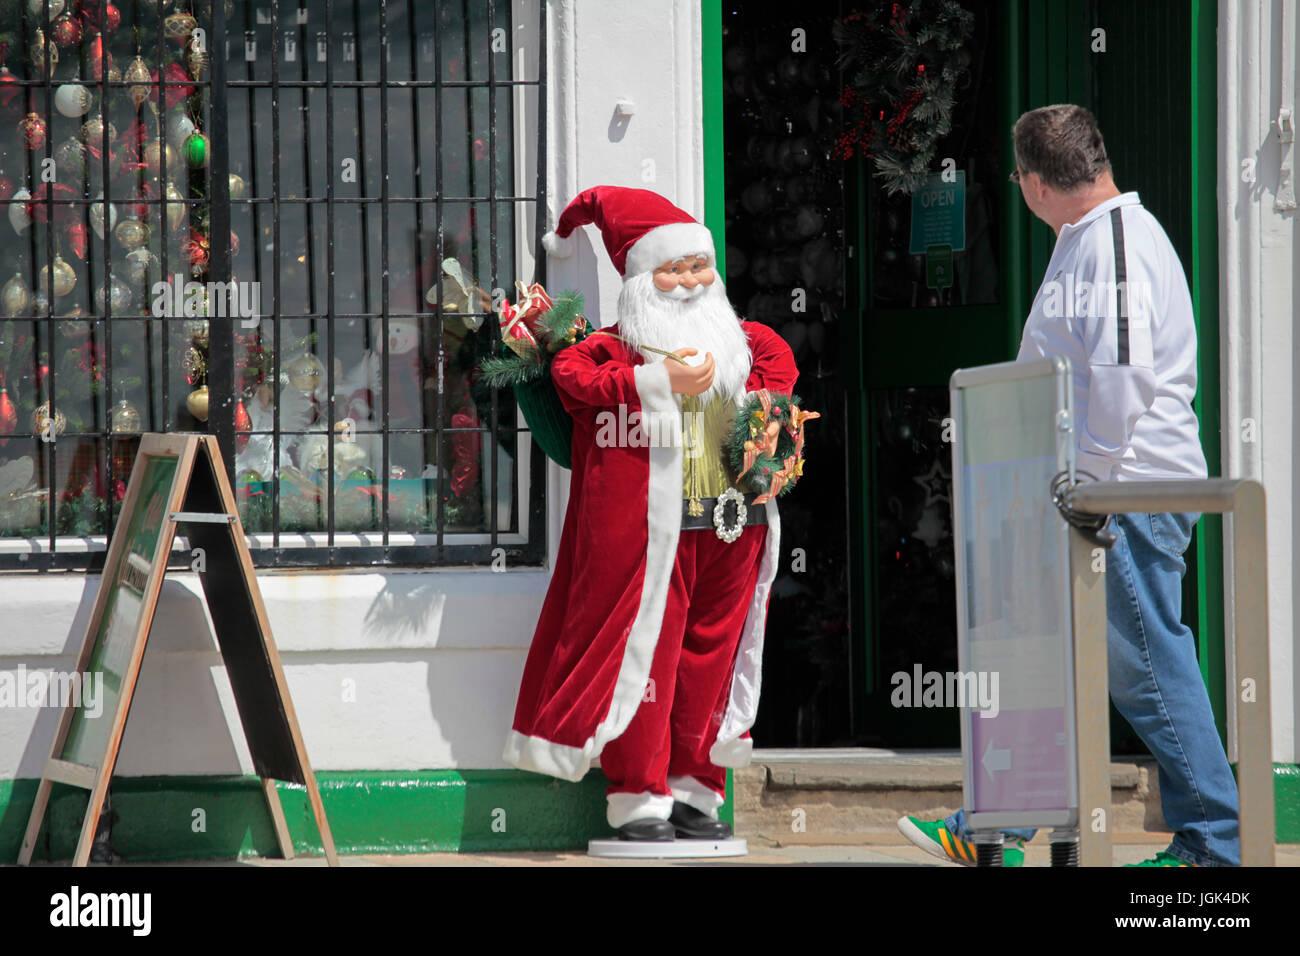 Helensburgh 8 juillet 2017. Santa bénéficie d'un peu de soleil dans l'Ecosse enfin, bien que la Photo Stock